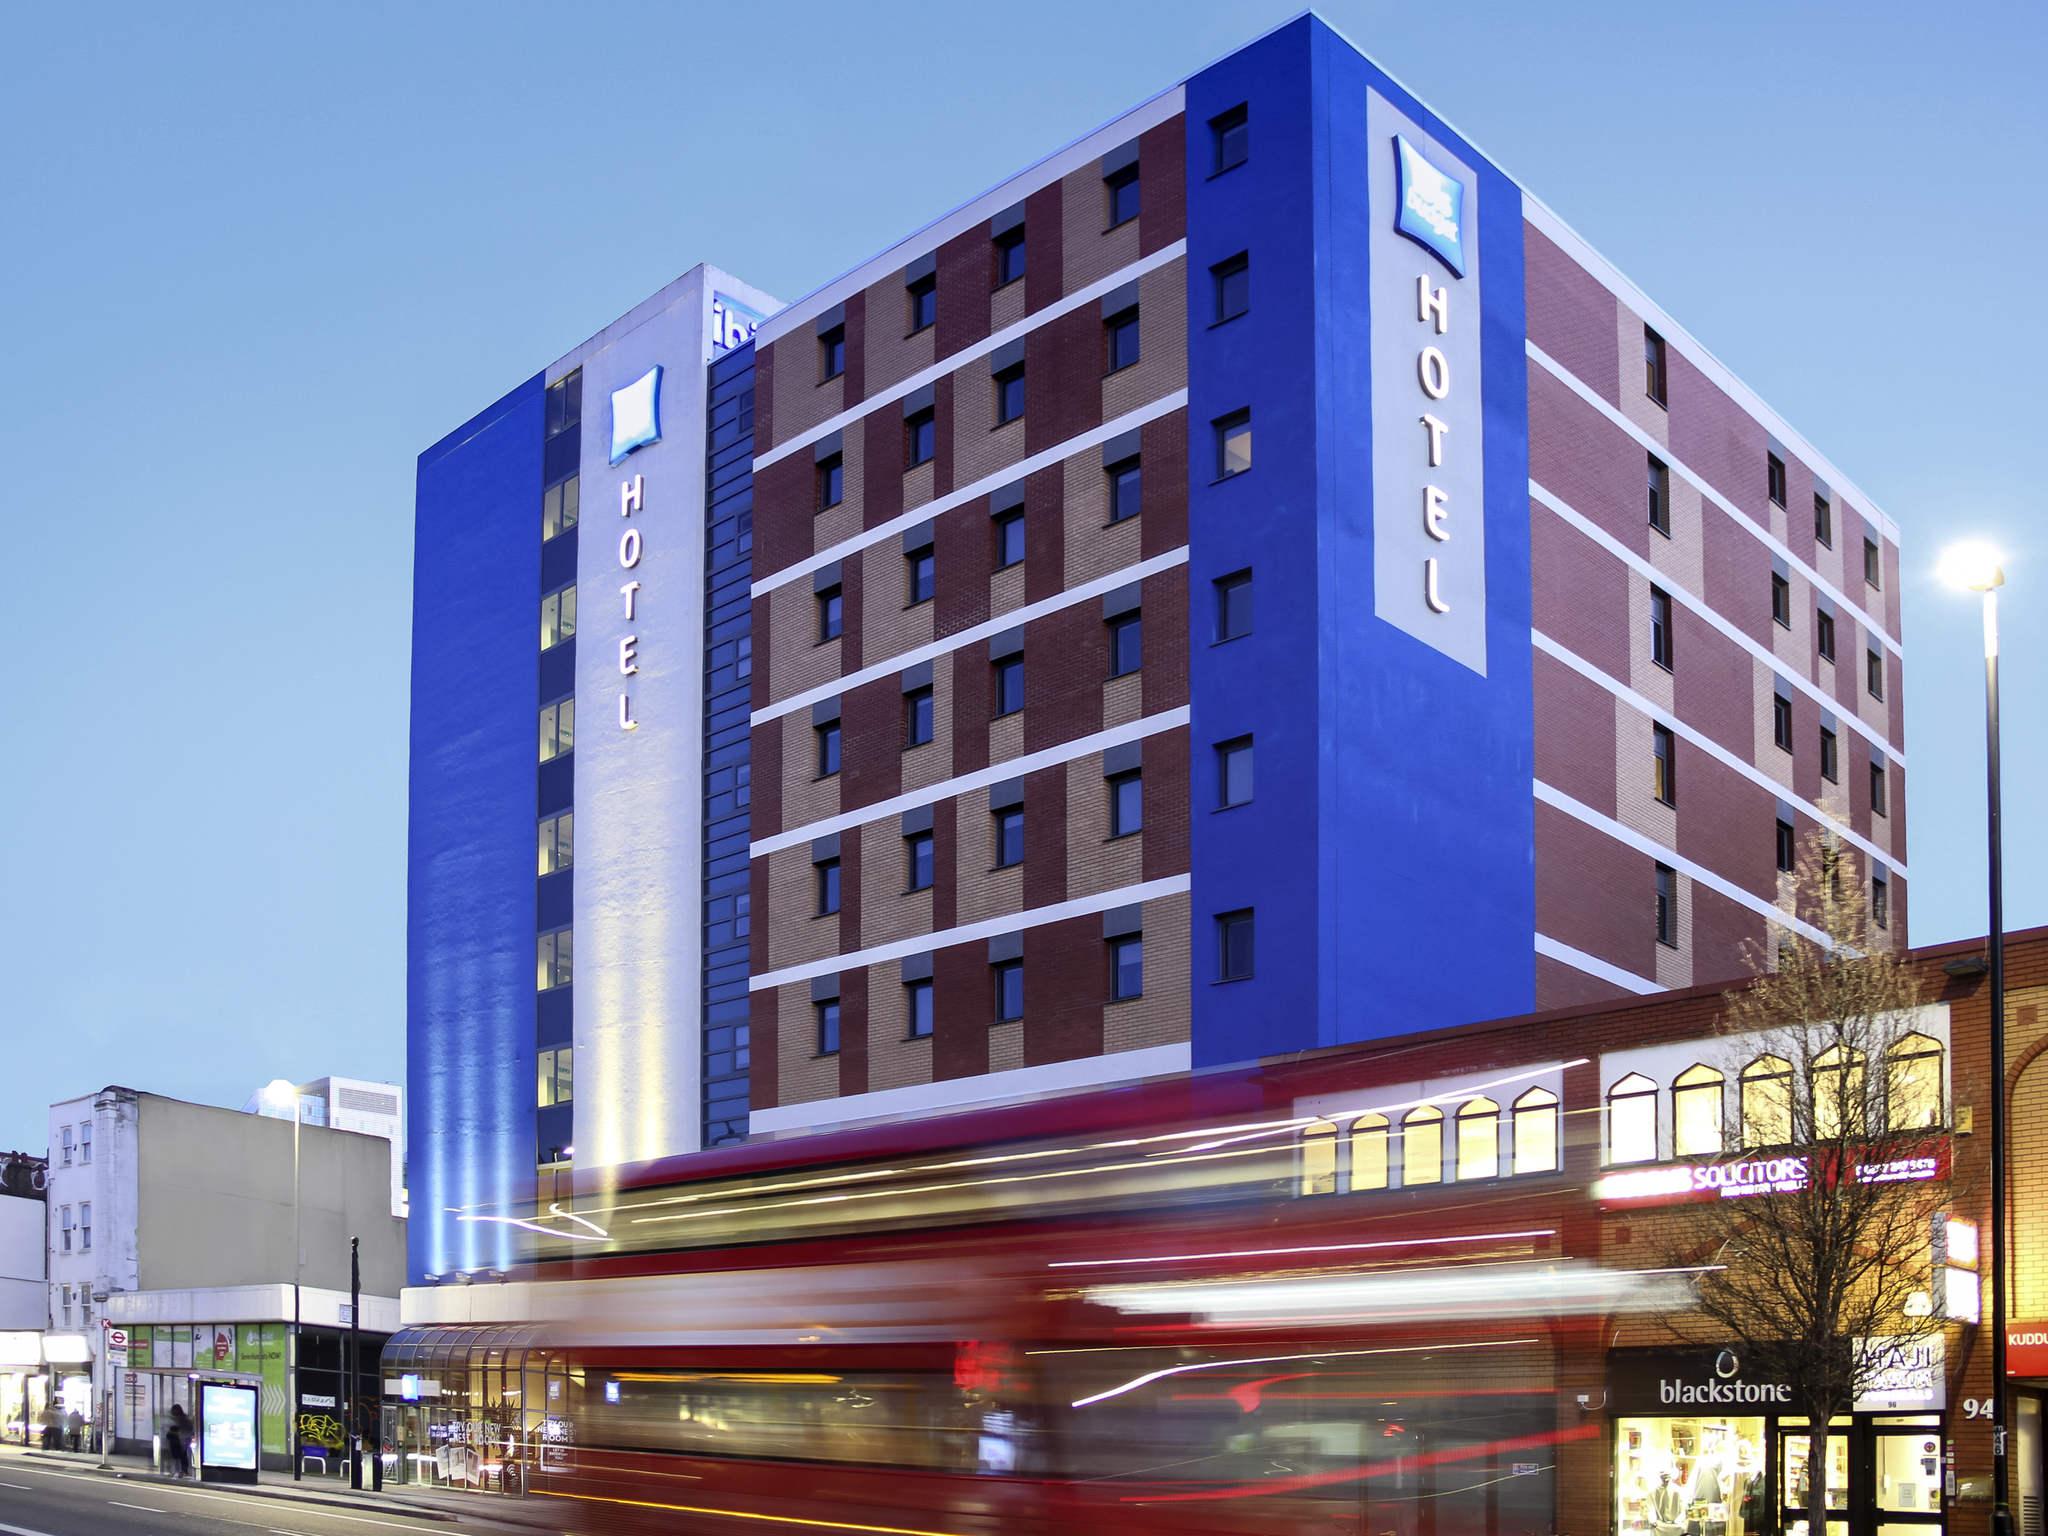 فندق - فندق إيبيس بدجت ibis budget لندن وايتشابل -بريك لين